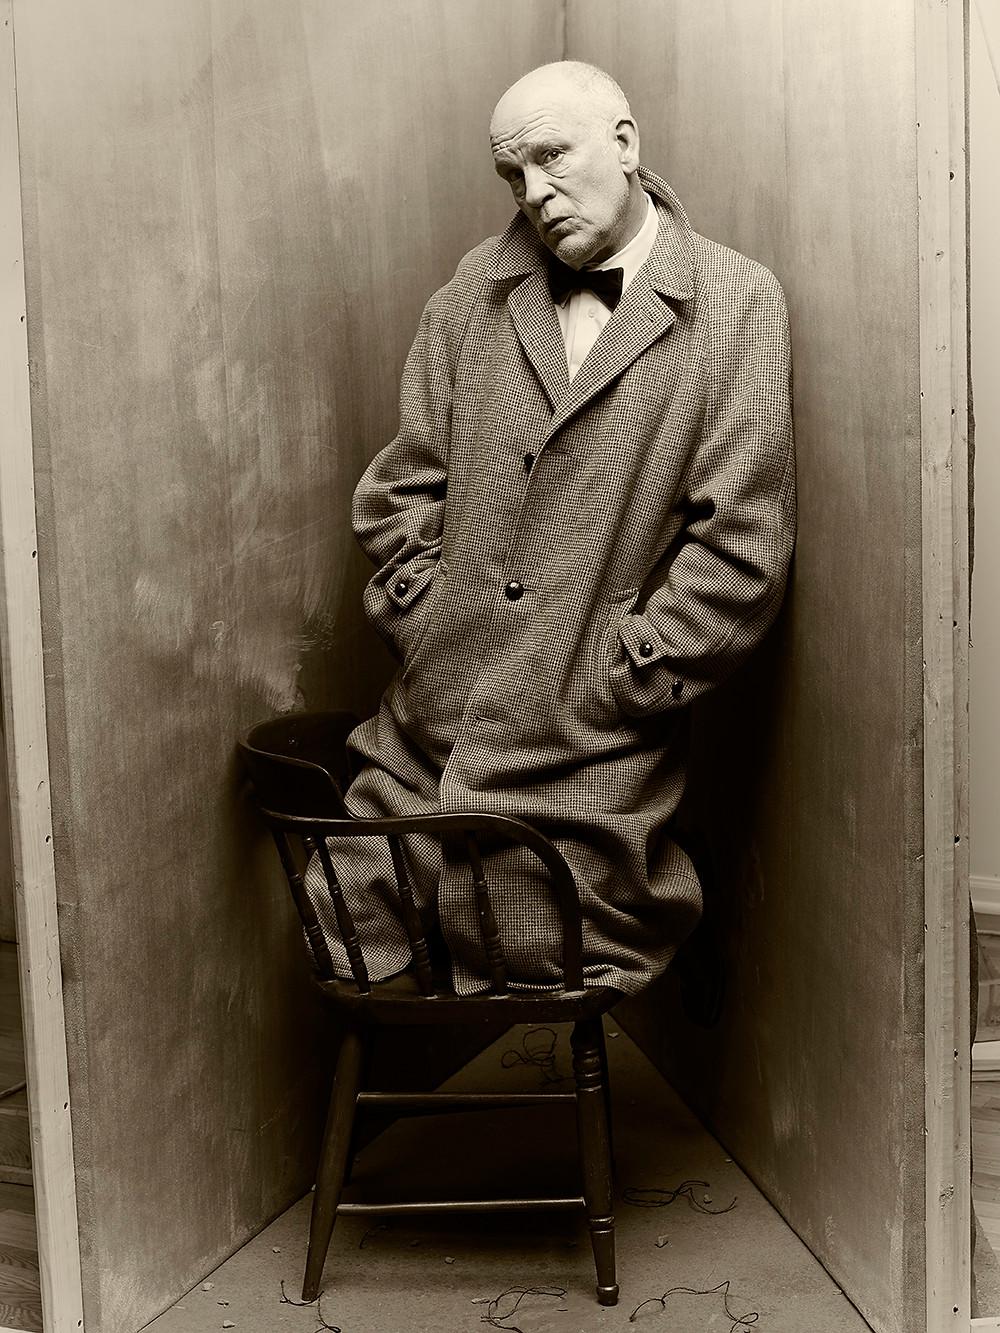 Irving Penn : Capote, New York (1948), 2014.jpg